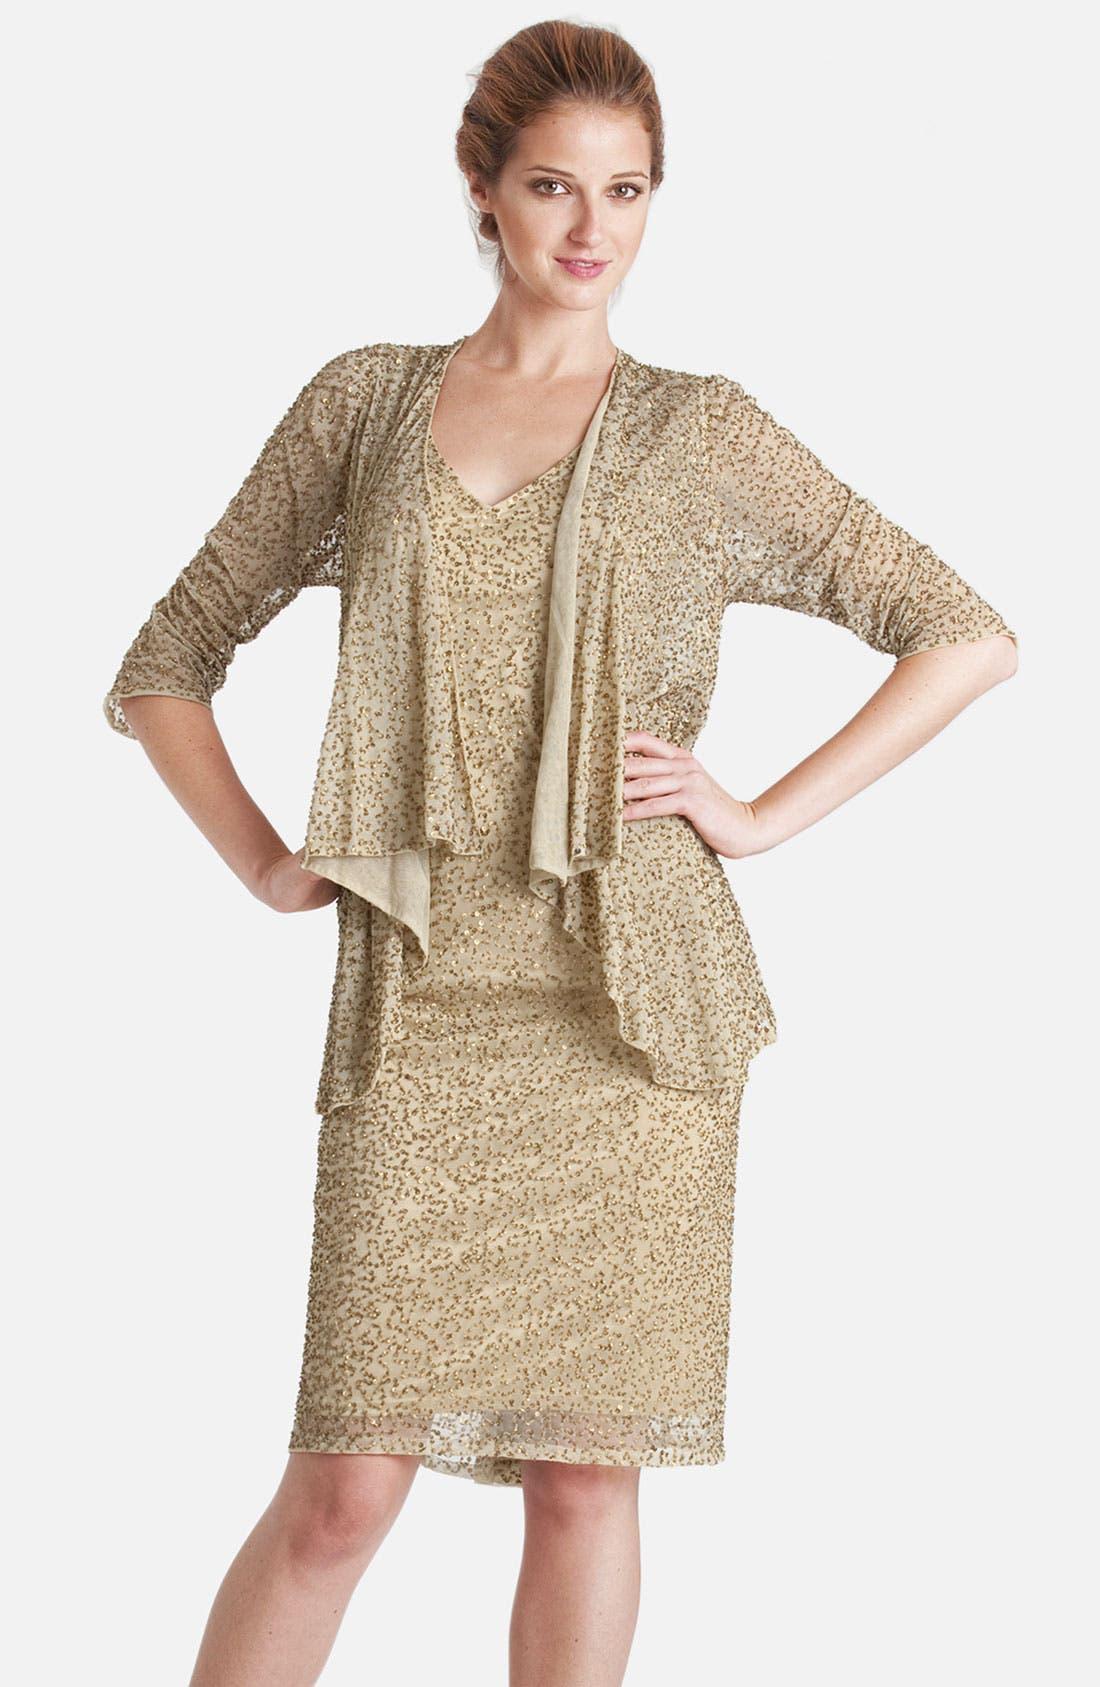 Alternate Image 1 Selected - JS Collections Embellished V-Neck Chiffon Dress & Jacket